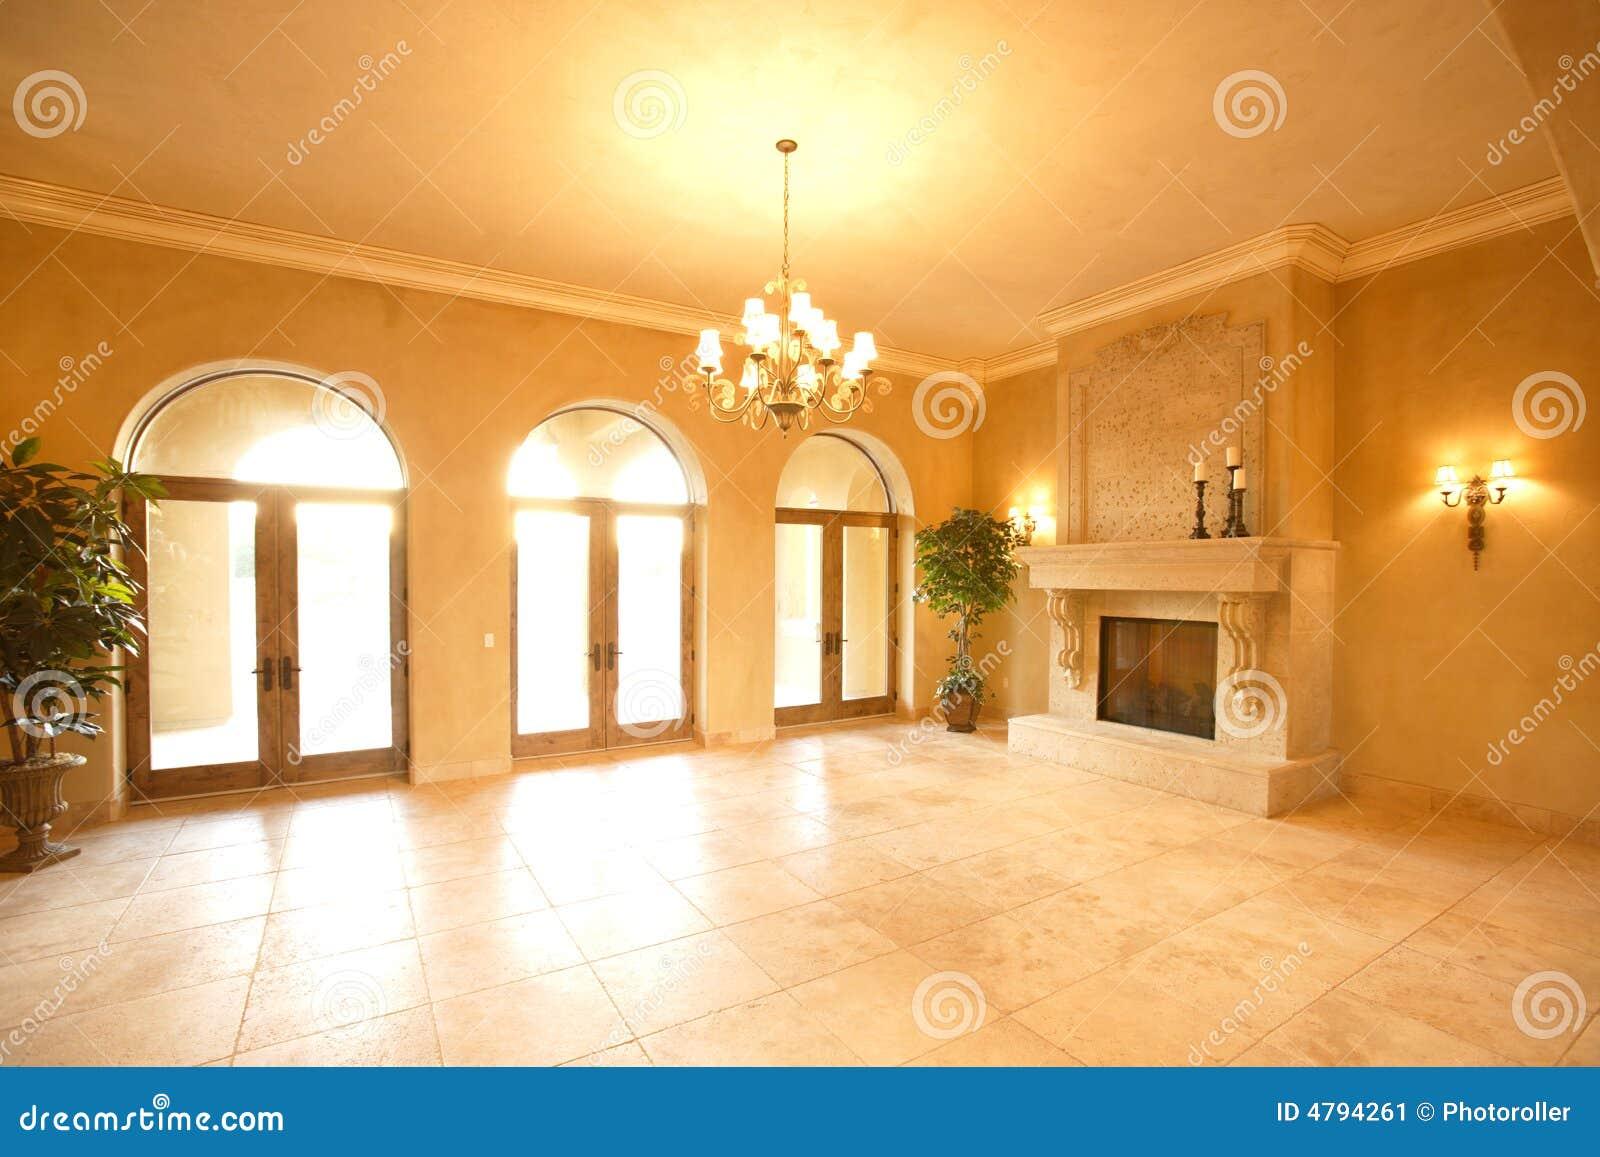 Camino In Una Casa Di Lusso Immagine Stock - Immagine: 4794261